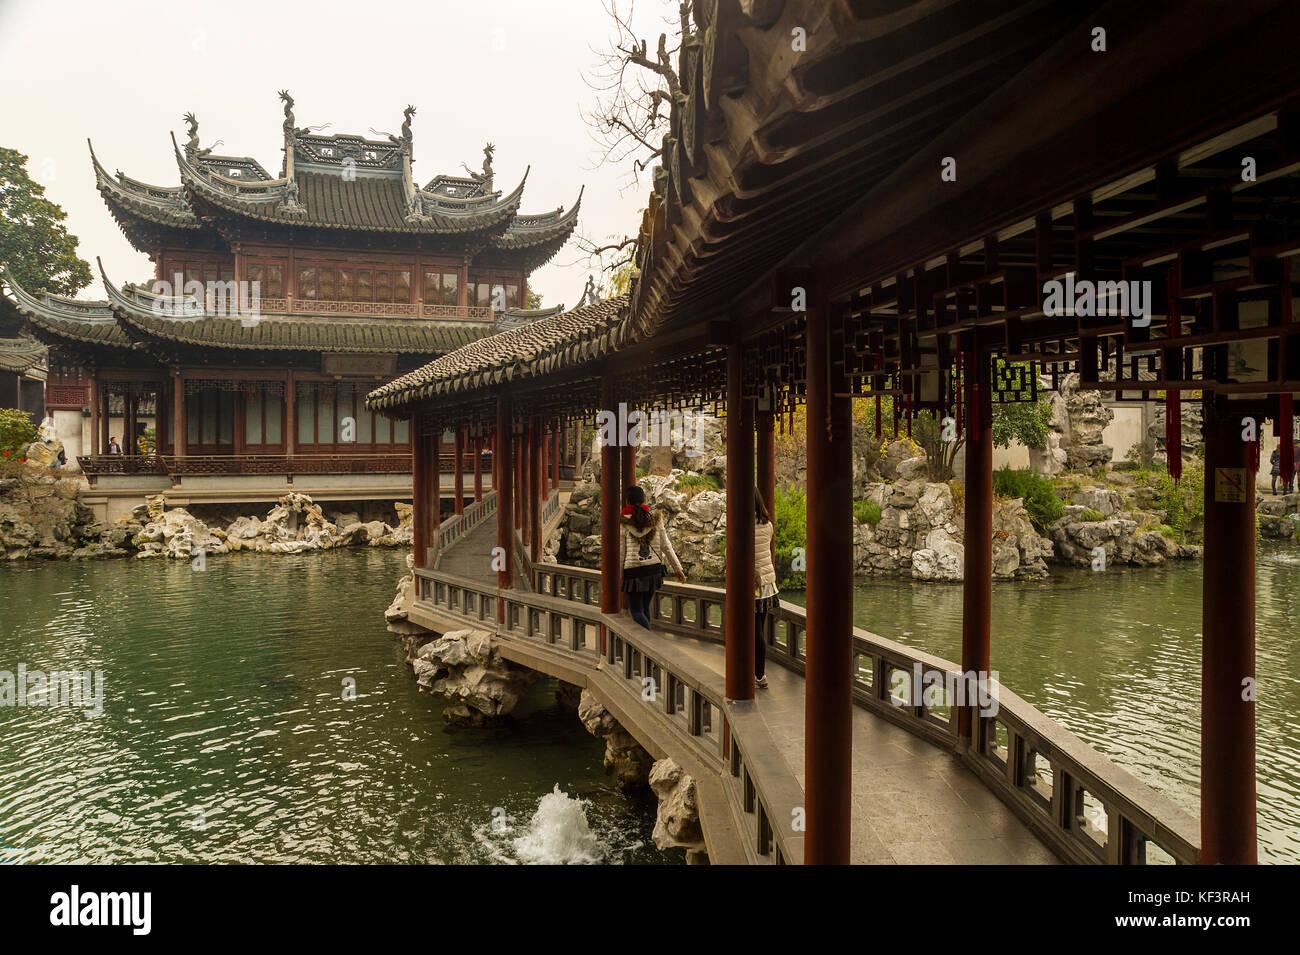 Chenghuang Miao, Shanghai Stock Photos & Chenghuang Miao, Shanghai ...